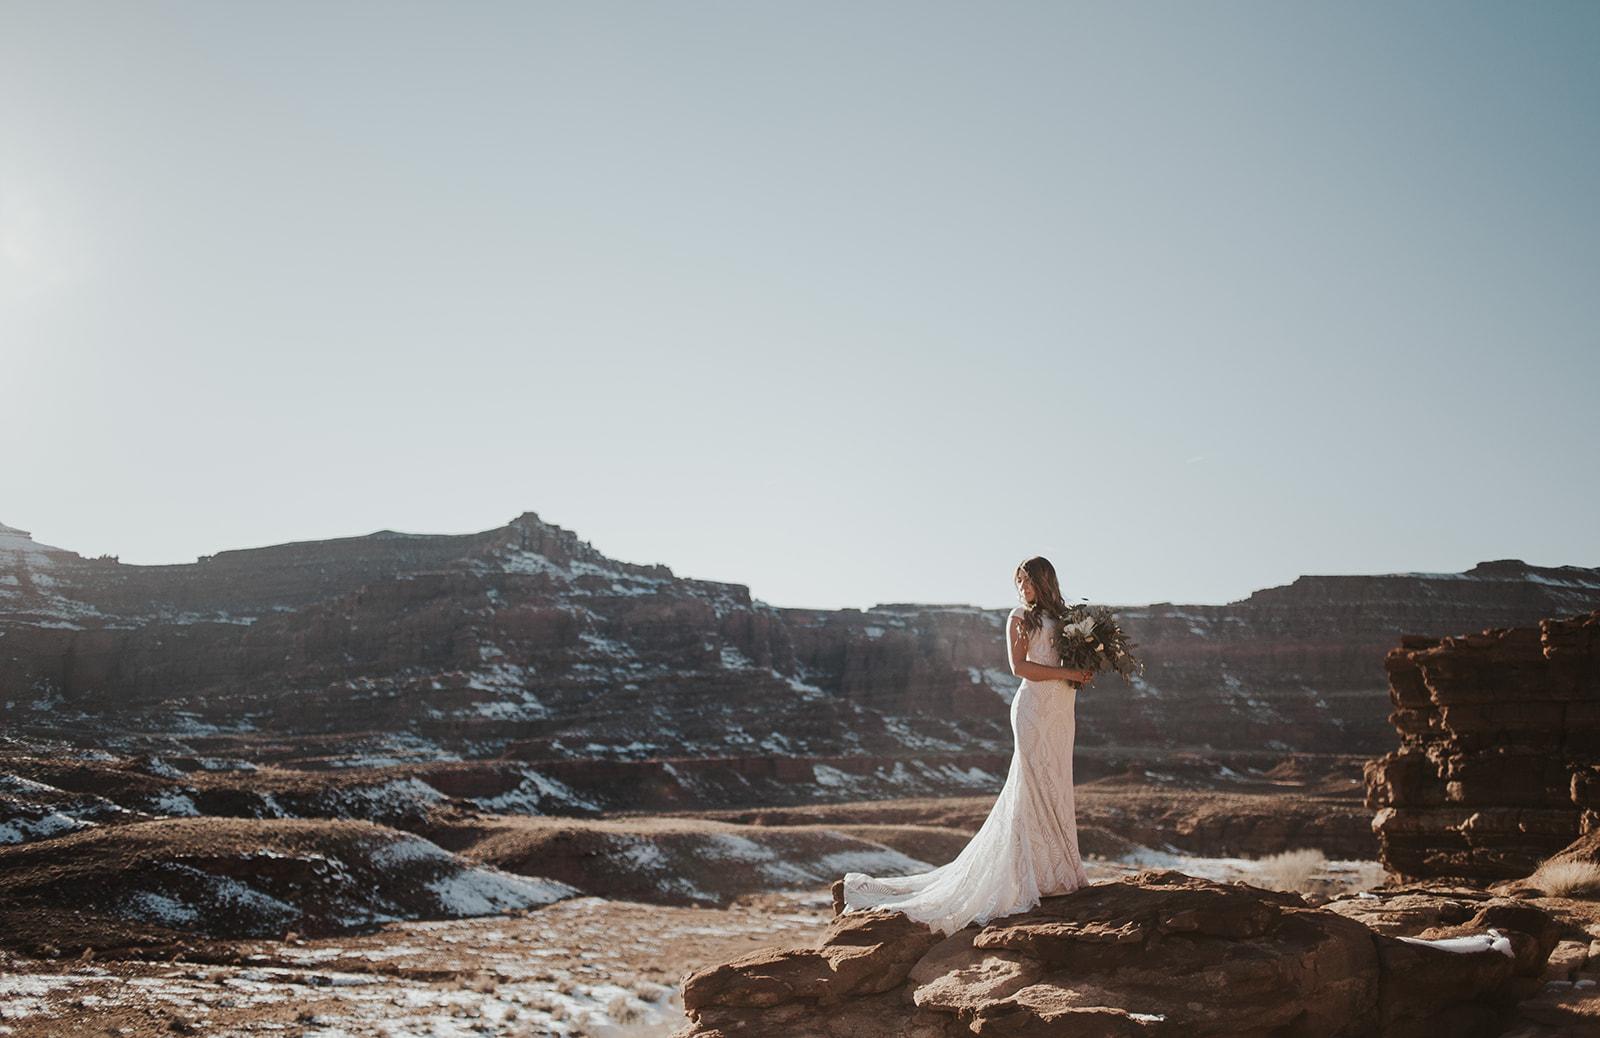 jamie+weston bridals-24.jpg